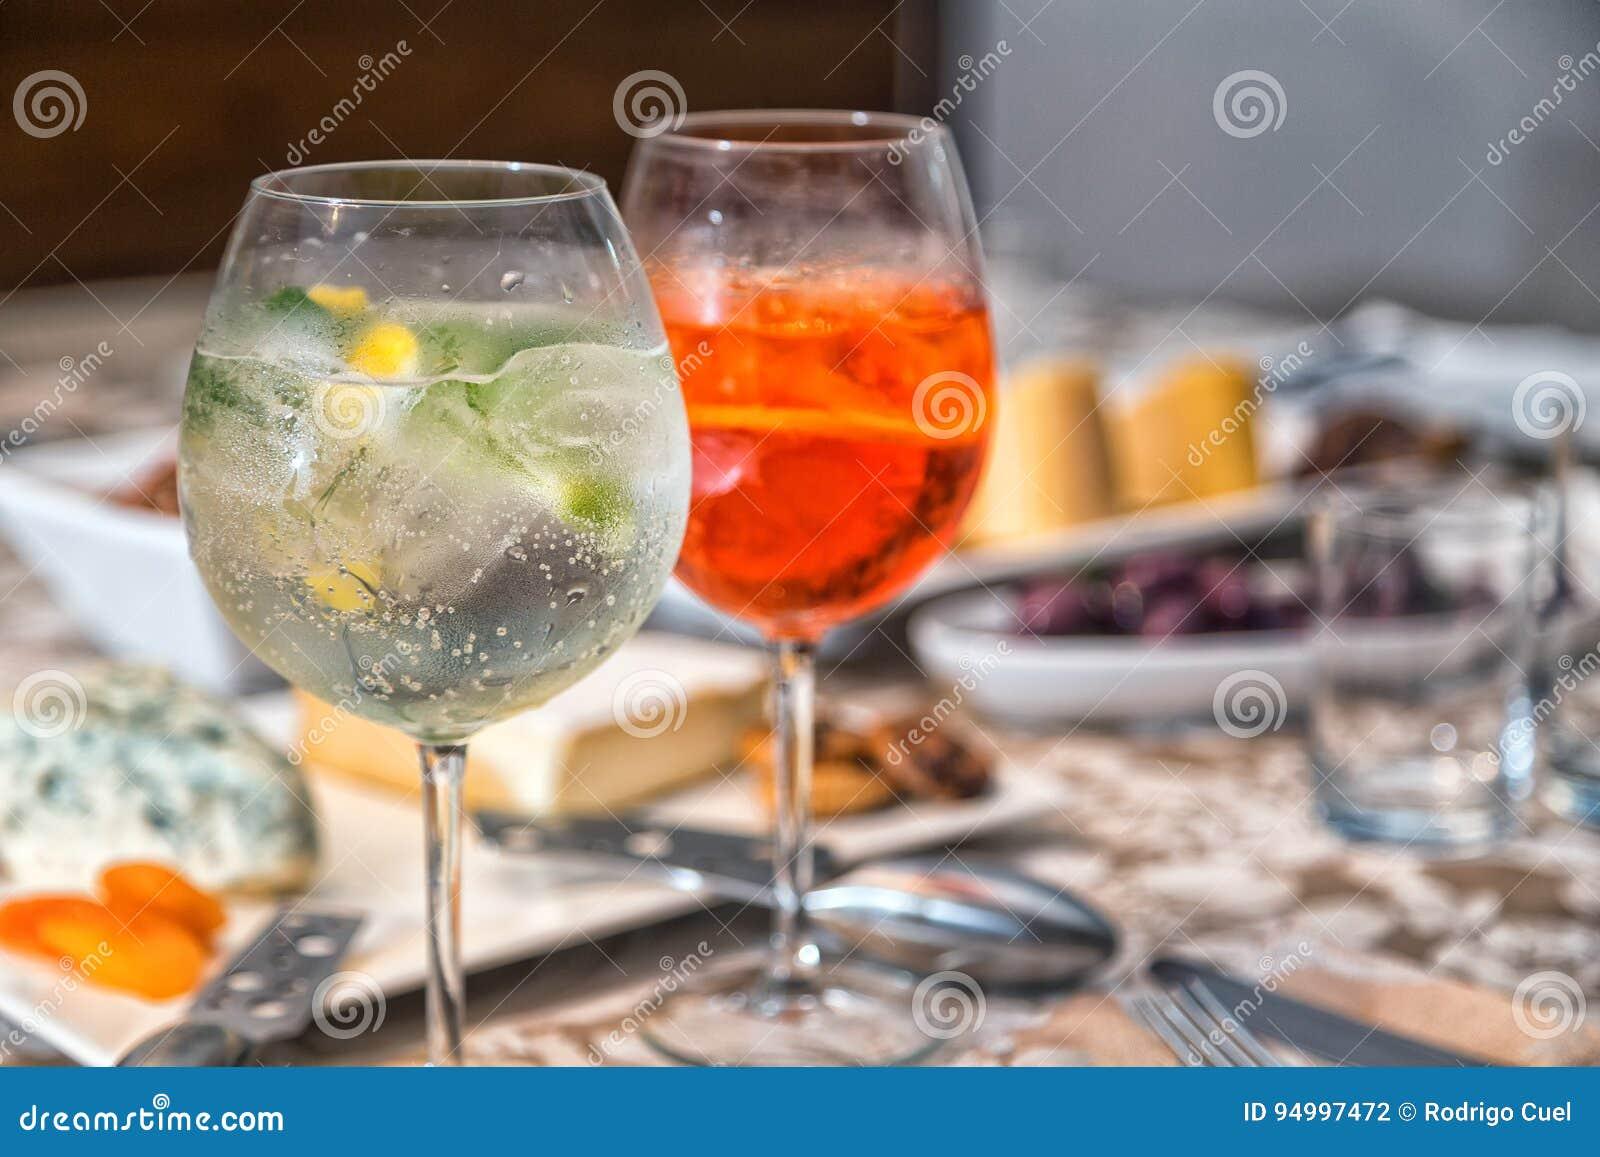 Gin Tonic Und Aperol Spritz Stockfoto - Bild von grün, getränke ...